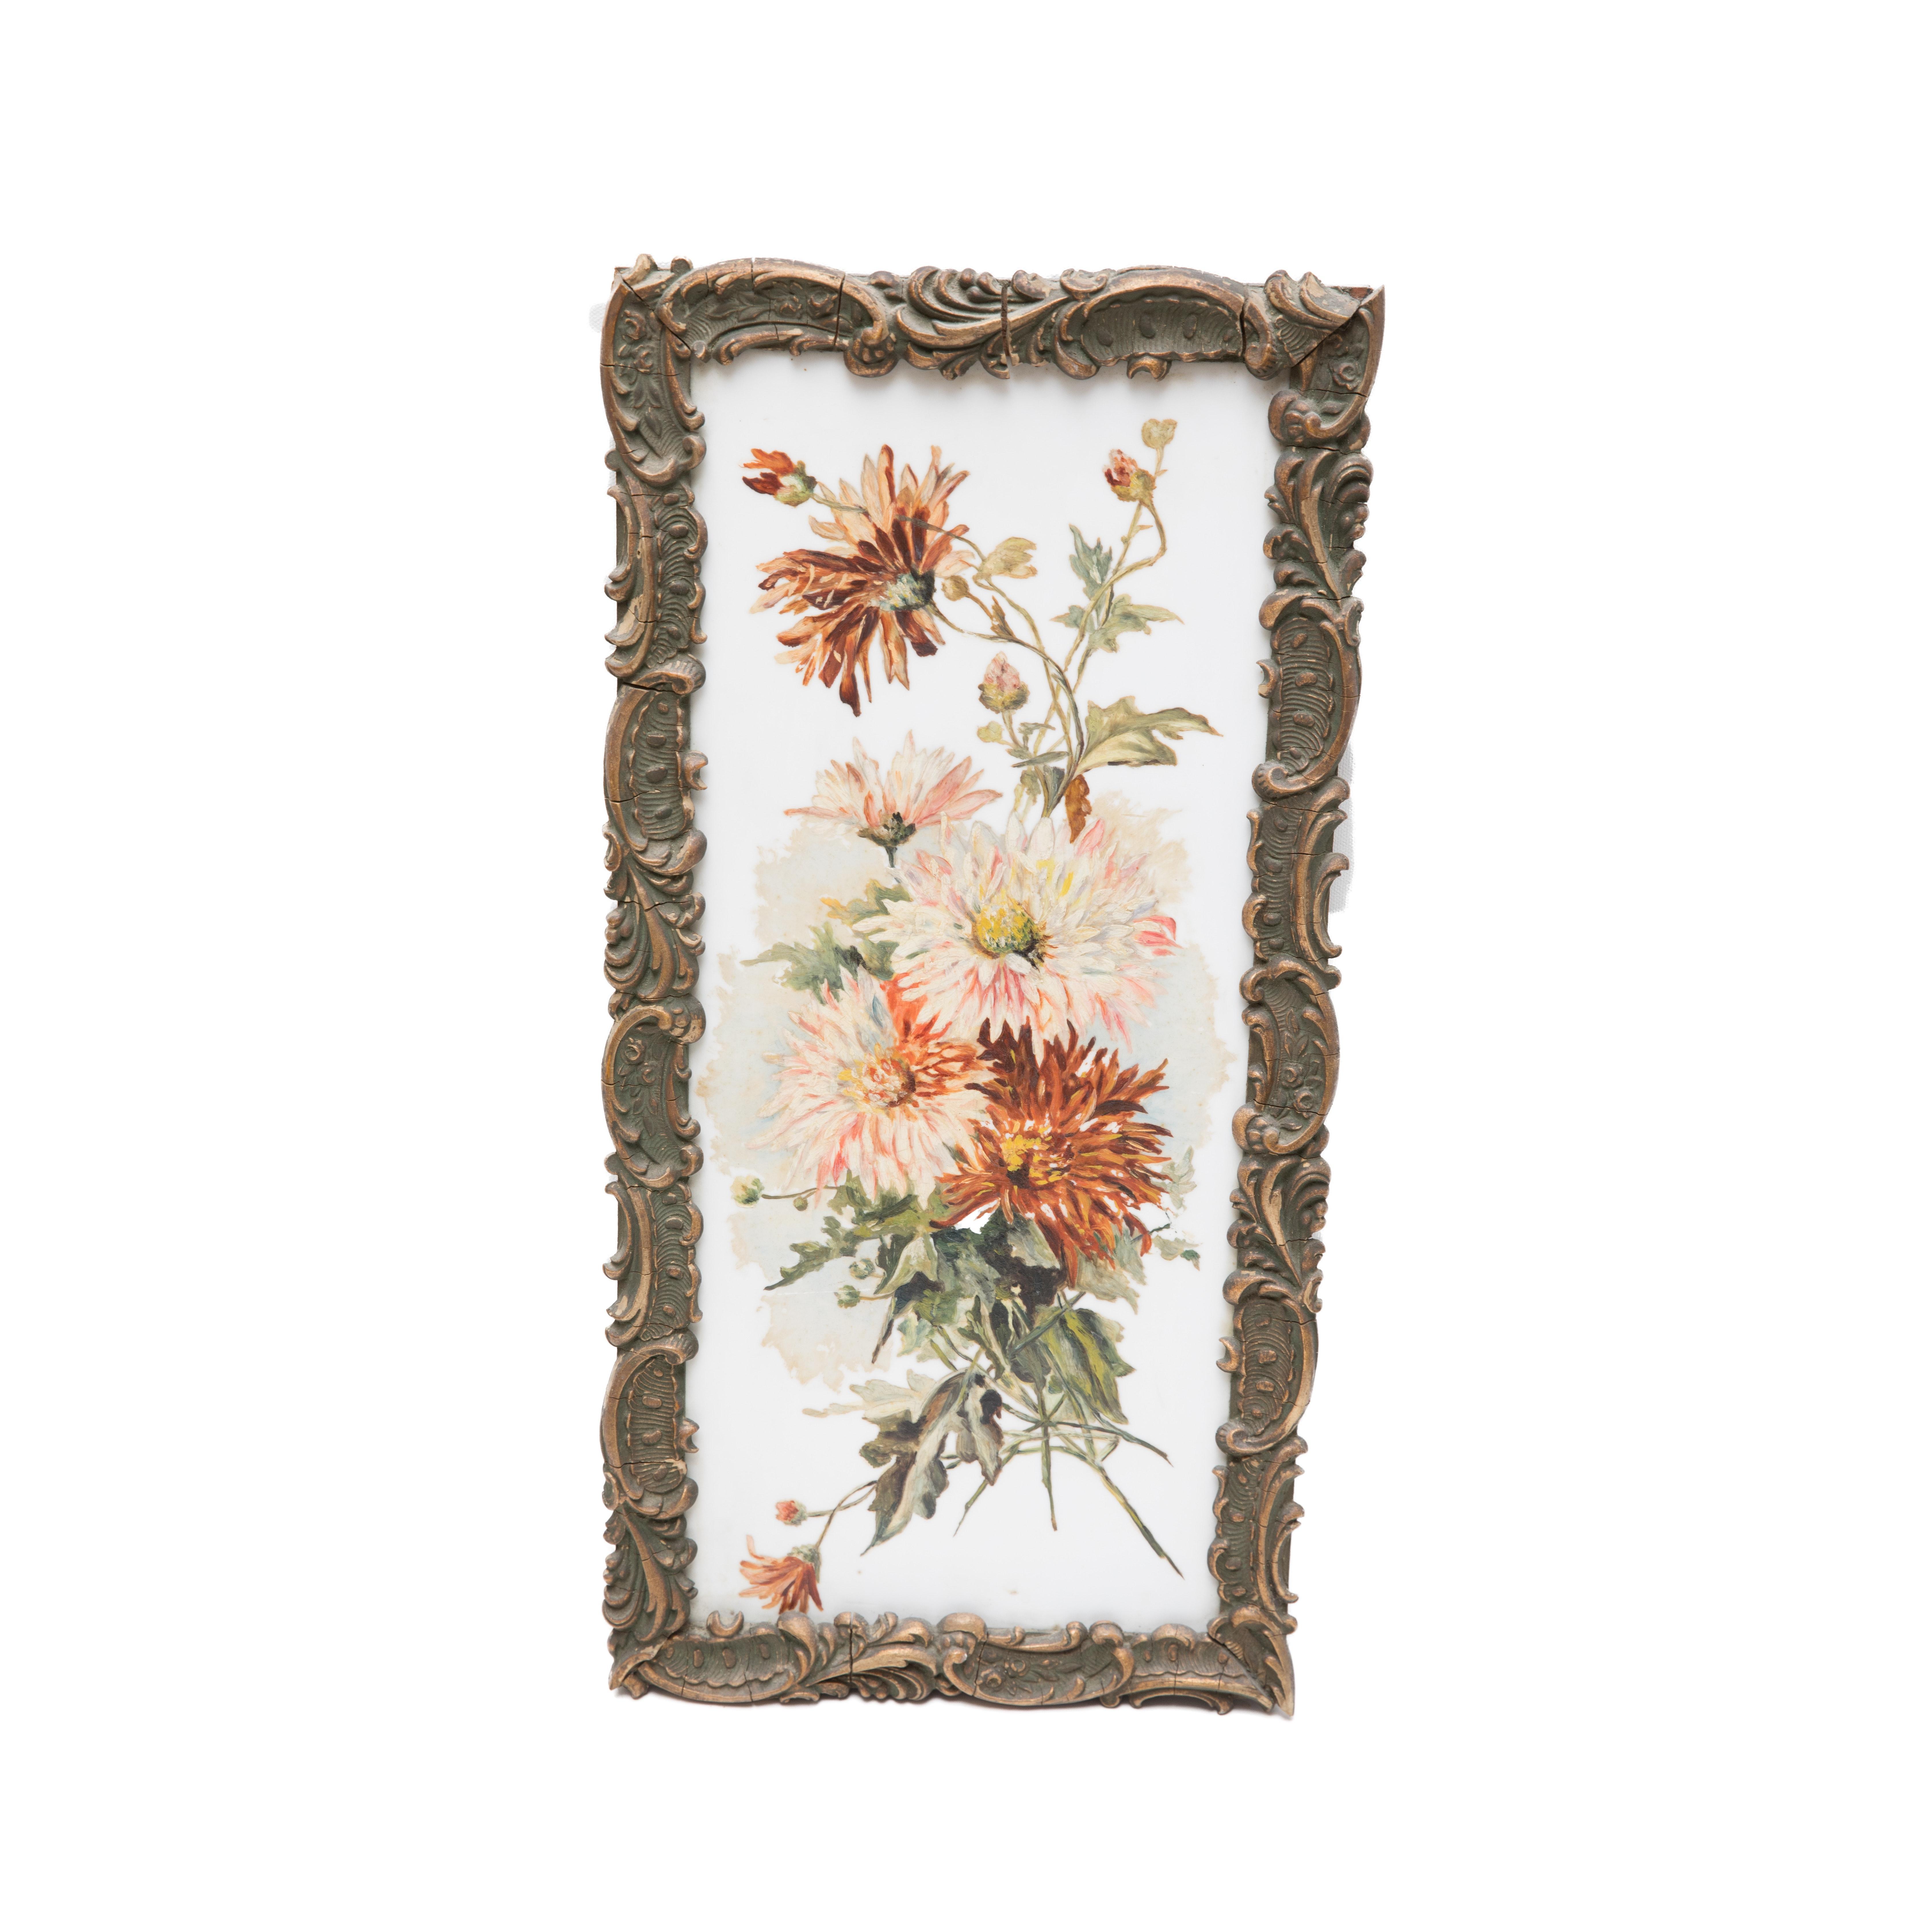 Ornately Framed Floral Painting on Ceramic